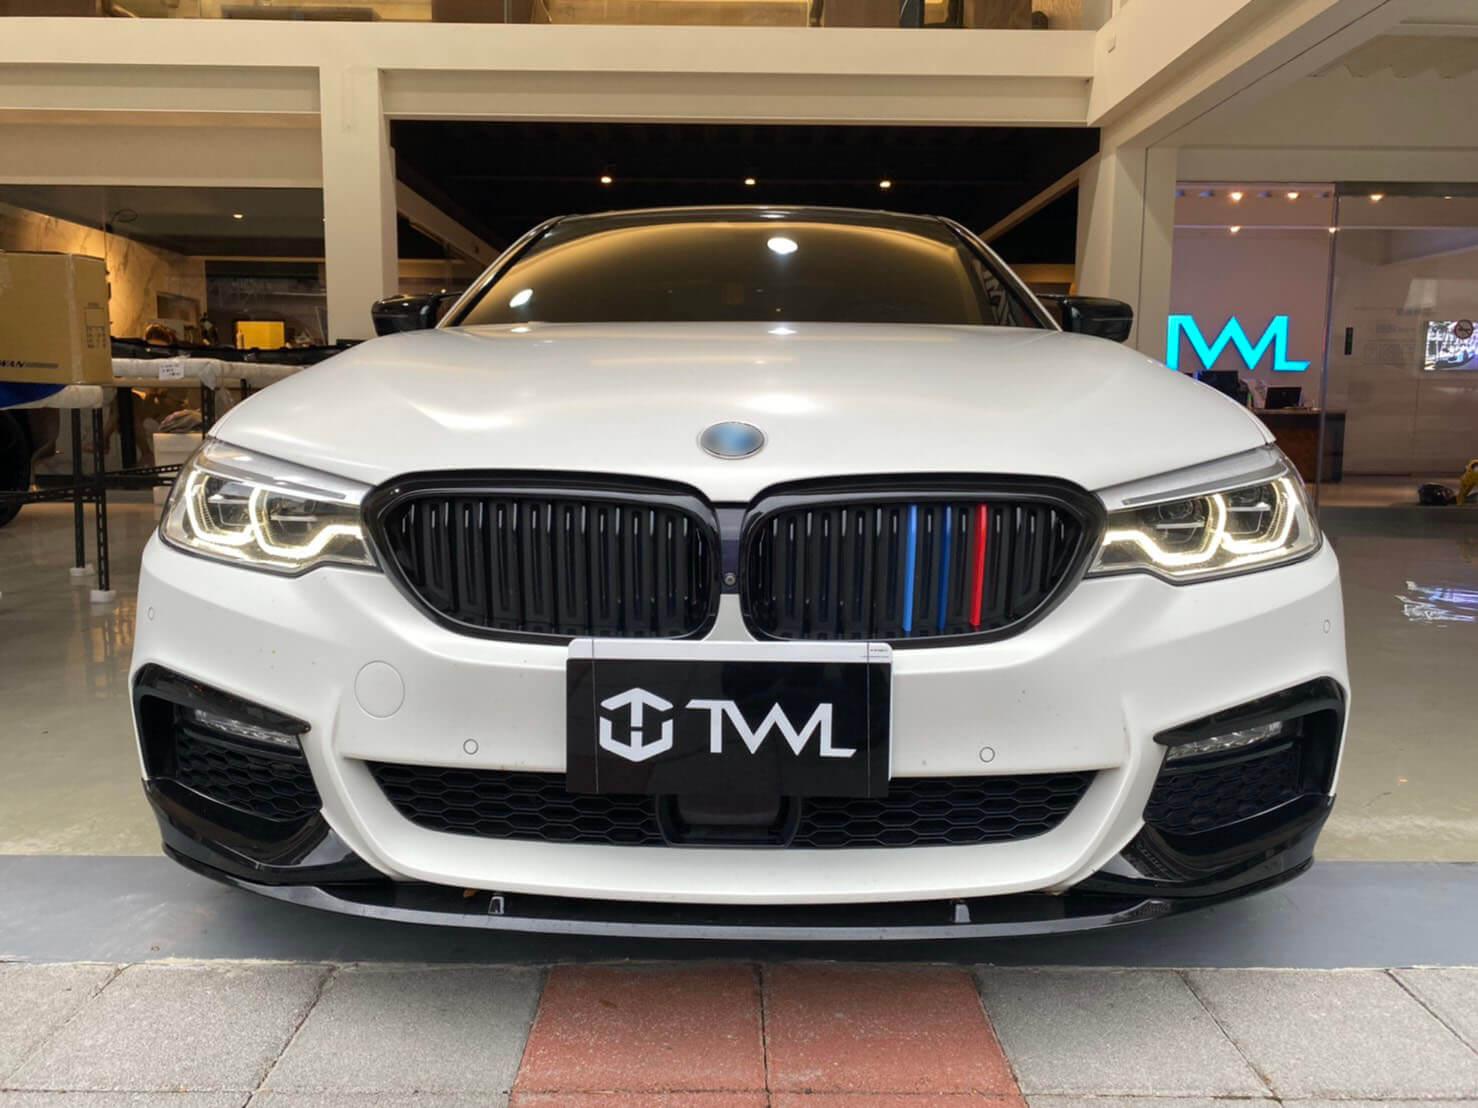 TWL-BMW BMWG30 G31 520 530 540 550-Grille